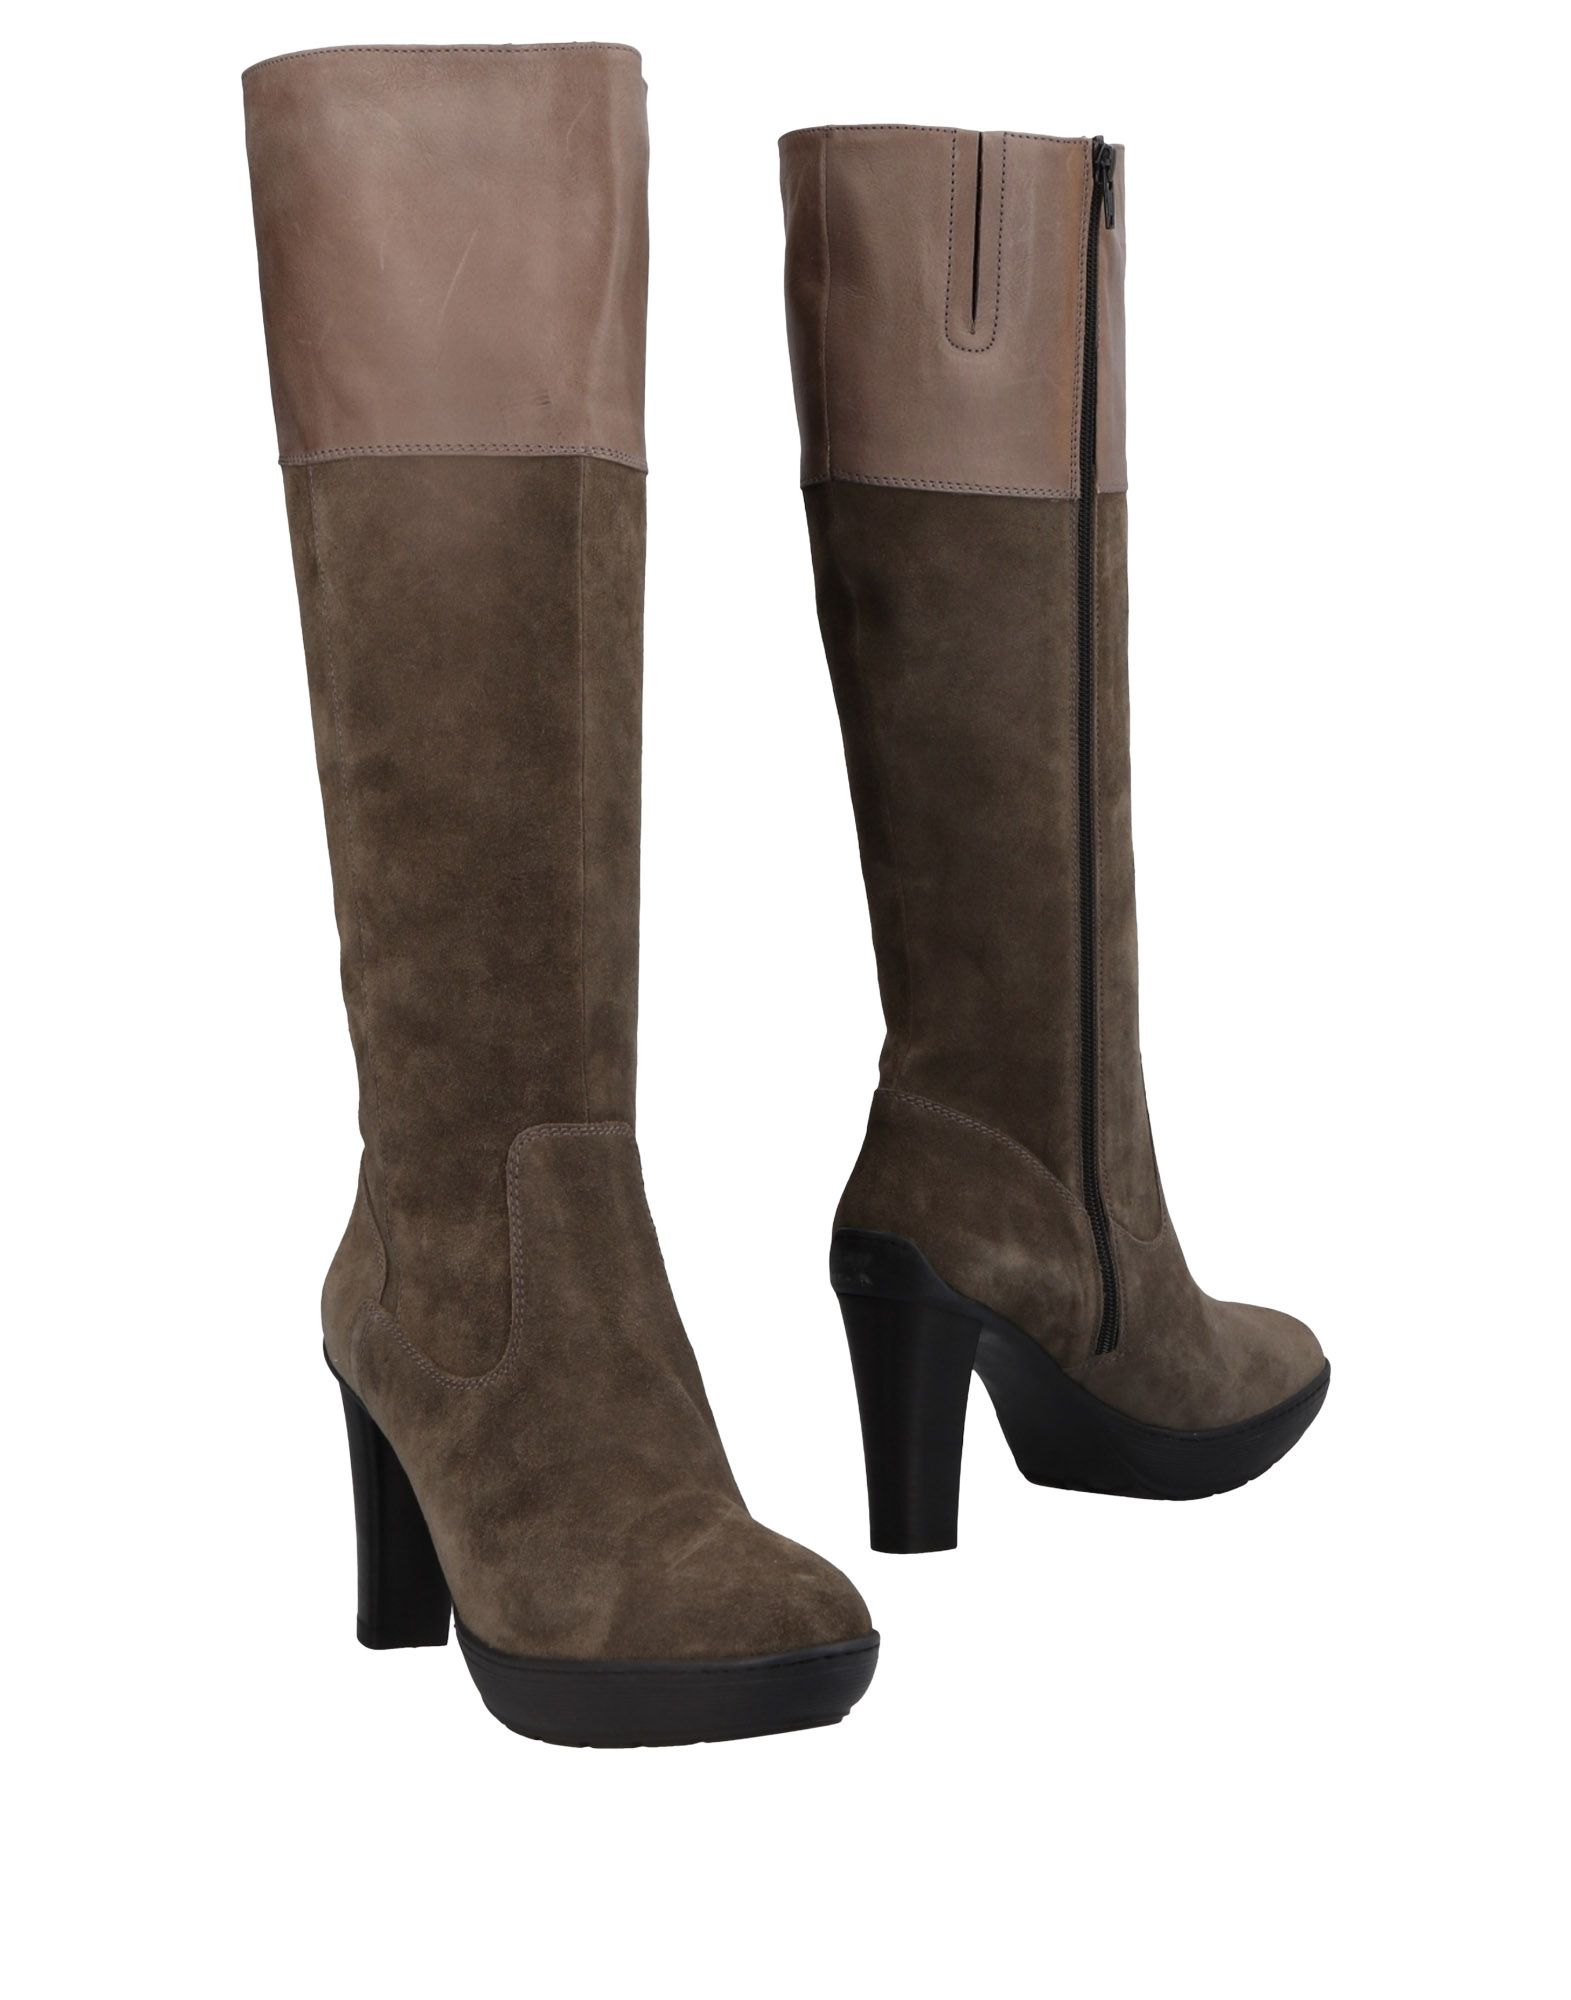 Triver Flight Stiefel Damen beliebte  11481486NW Gute Qualität beliebte Damen Schuhe 99584f